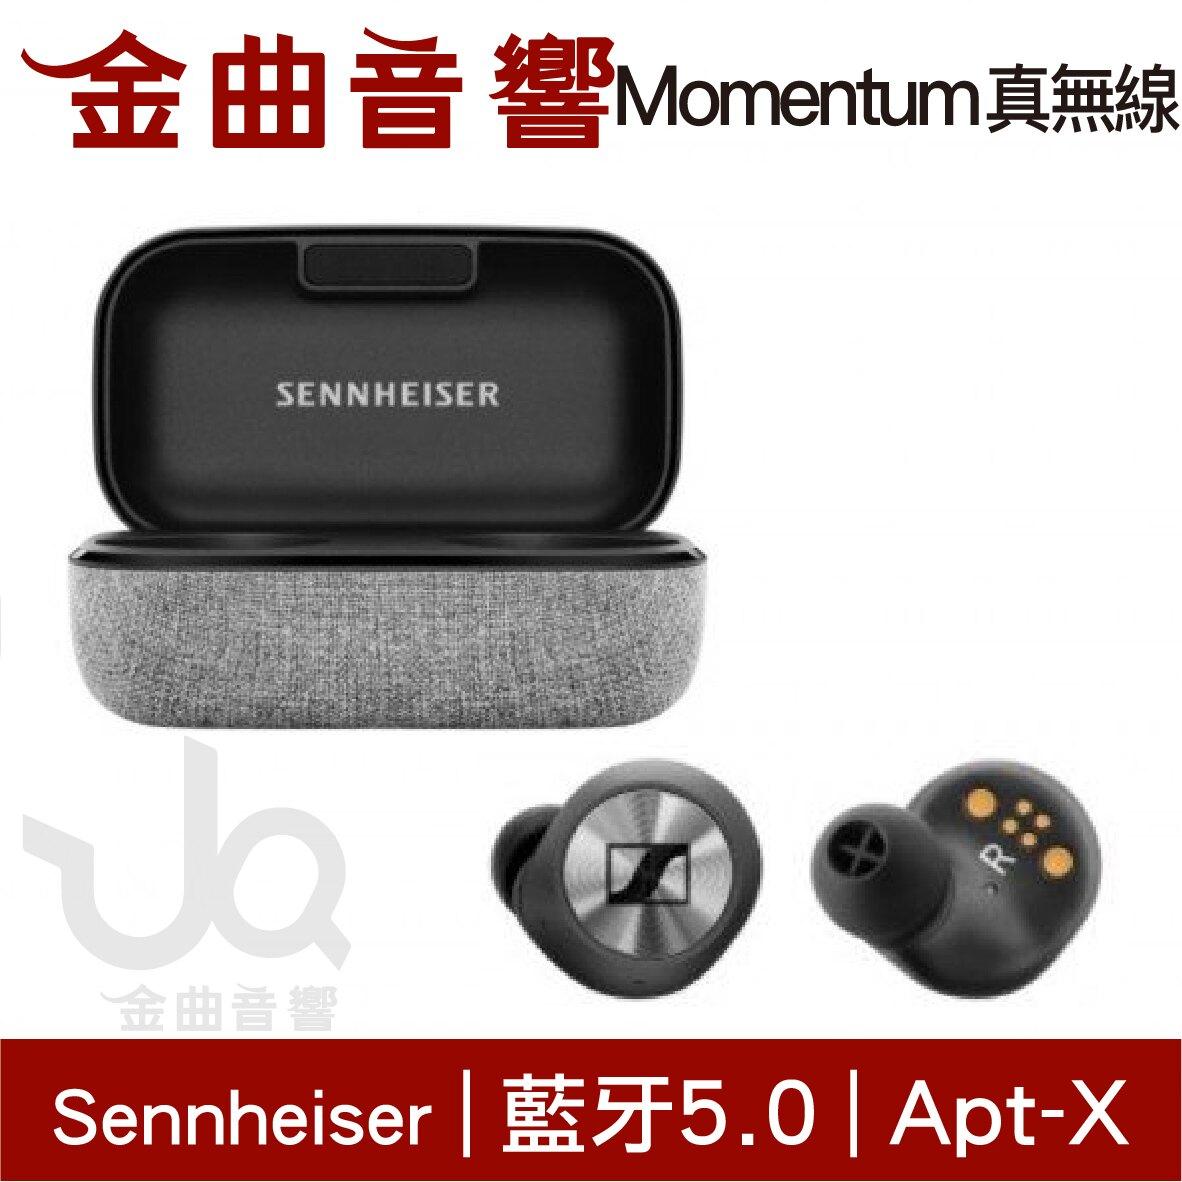 SENNHEISER 聲海塞爾 M3IETW MOMENTUM True Wireless 藍芽真無線耳機 | 金曲音響。人氣店家金曲音響的【有線入耳式耳機品牌】、Sennheiser(聲海塞爾)有最